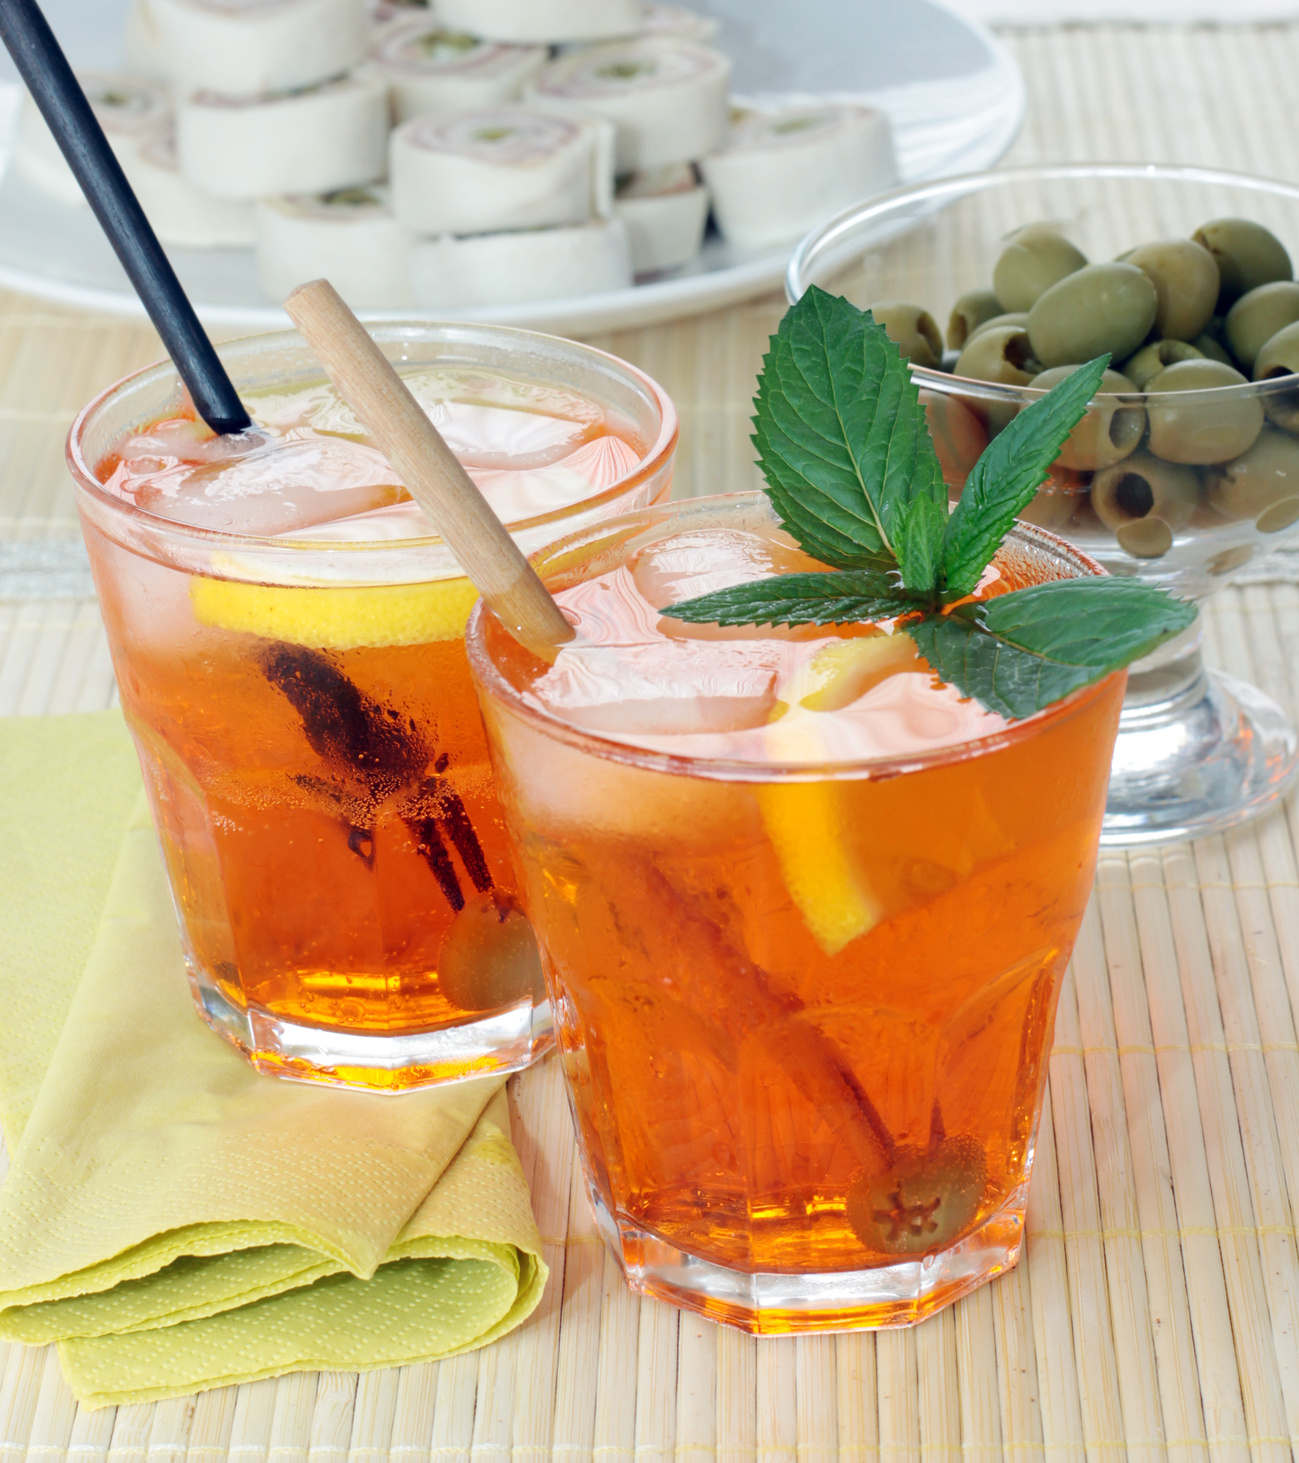 Migliori locali per aperitivo aziendale Bergamo